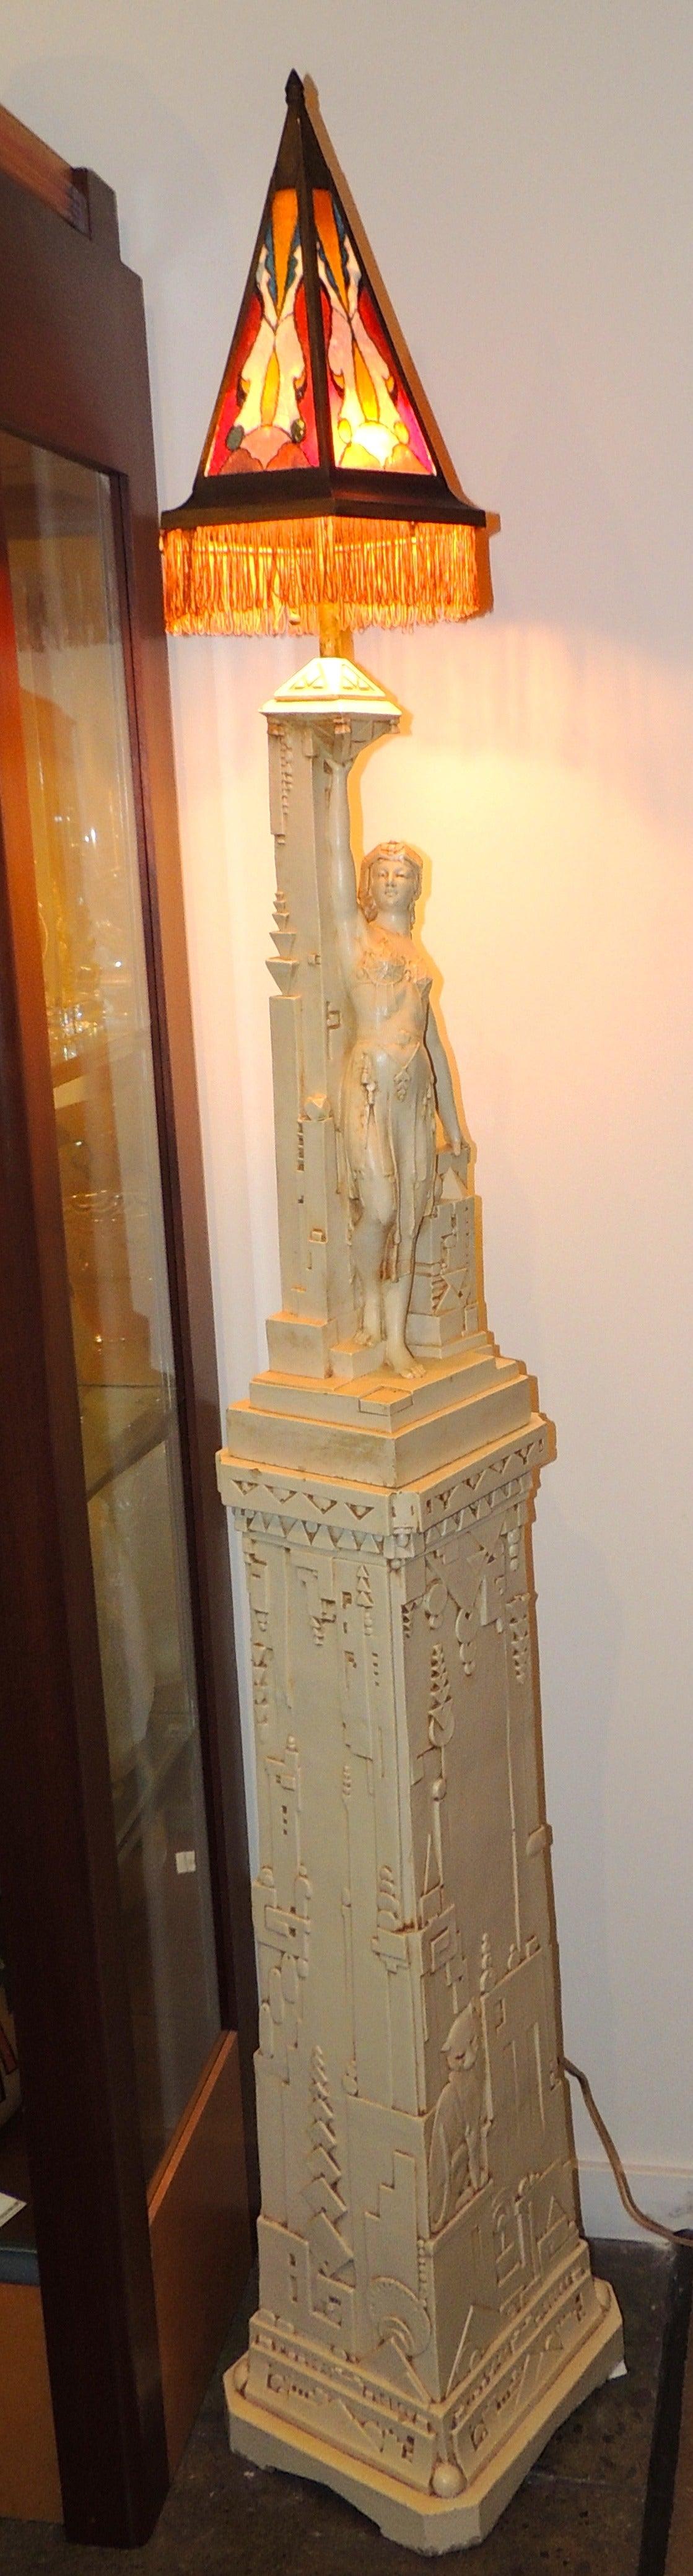 encontros designer statue arturo del figures floor alvarez pin lamp salone lamps